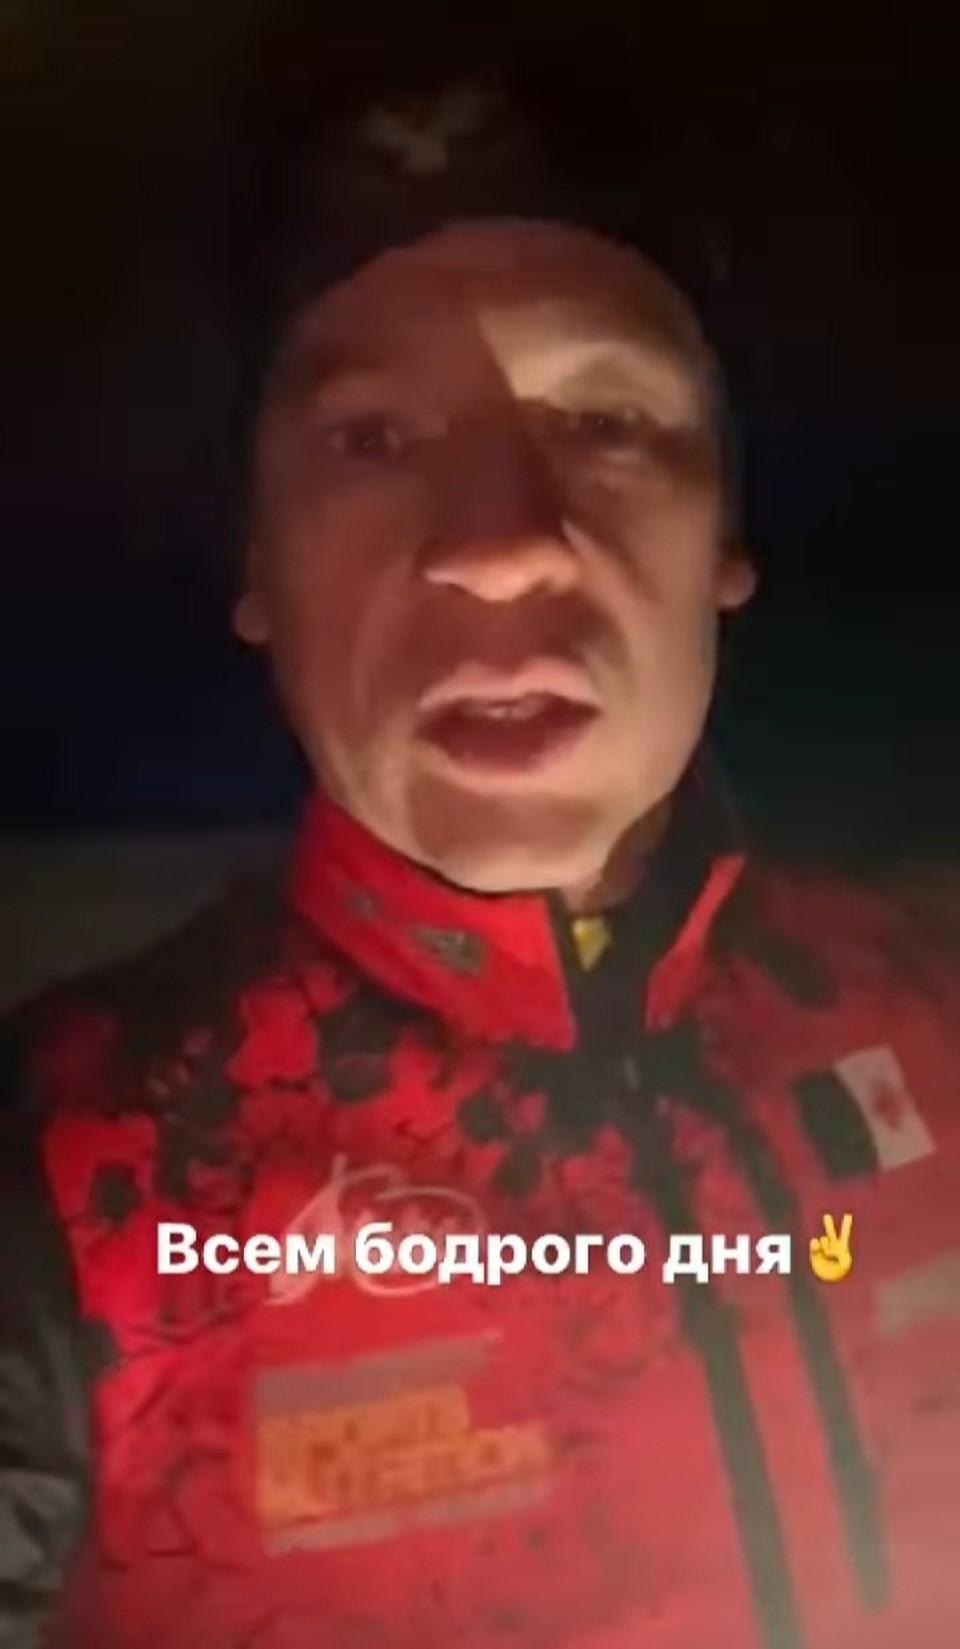 Александр Бречалов пожелал всем жителям республики «бодрого дня». Фото: скриншот истории из социальных сетей главы Удмуртии Александра Бречалова